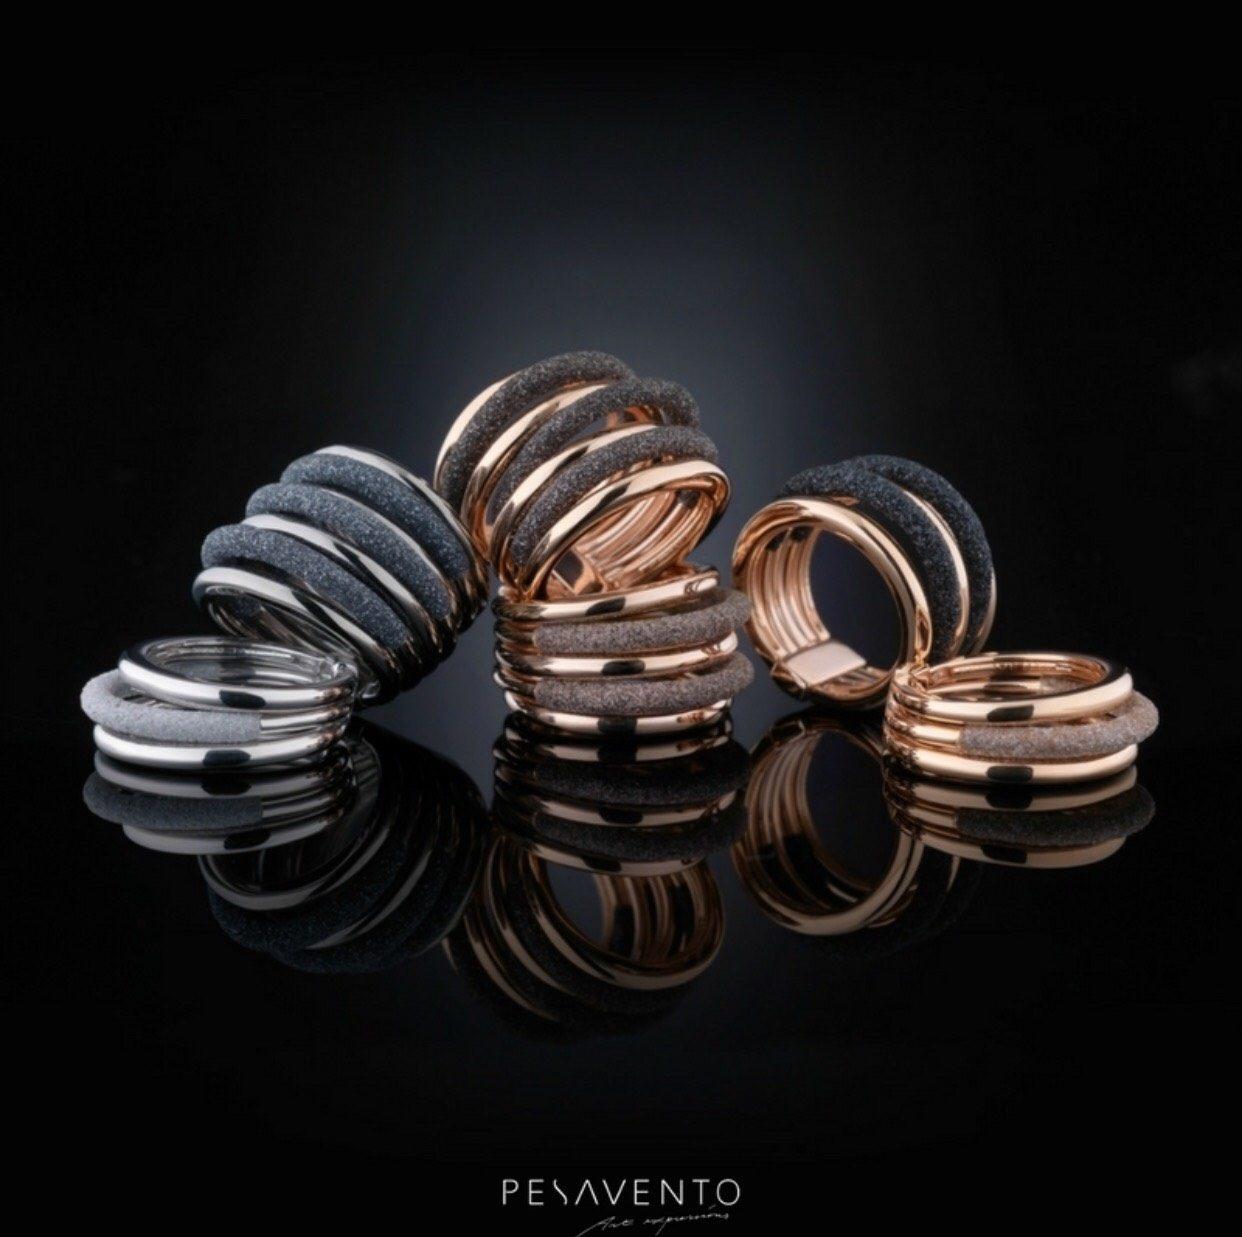 Nuova collezione di gioielli Pesavento